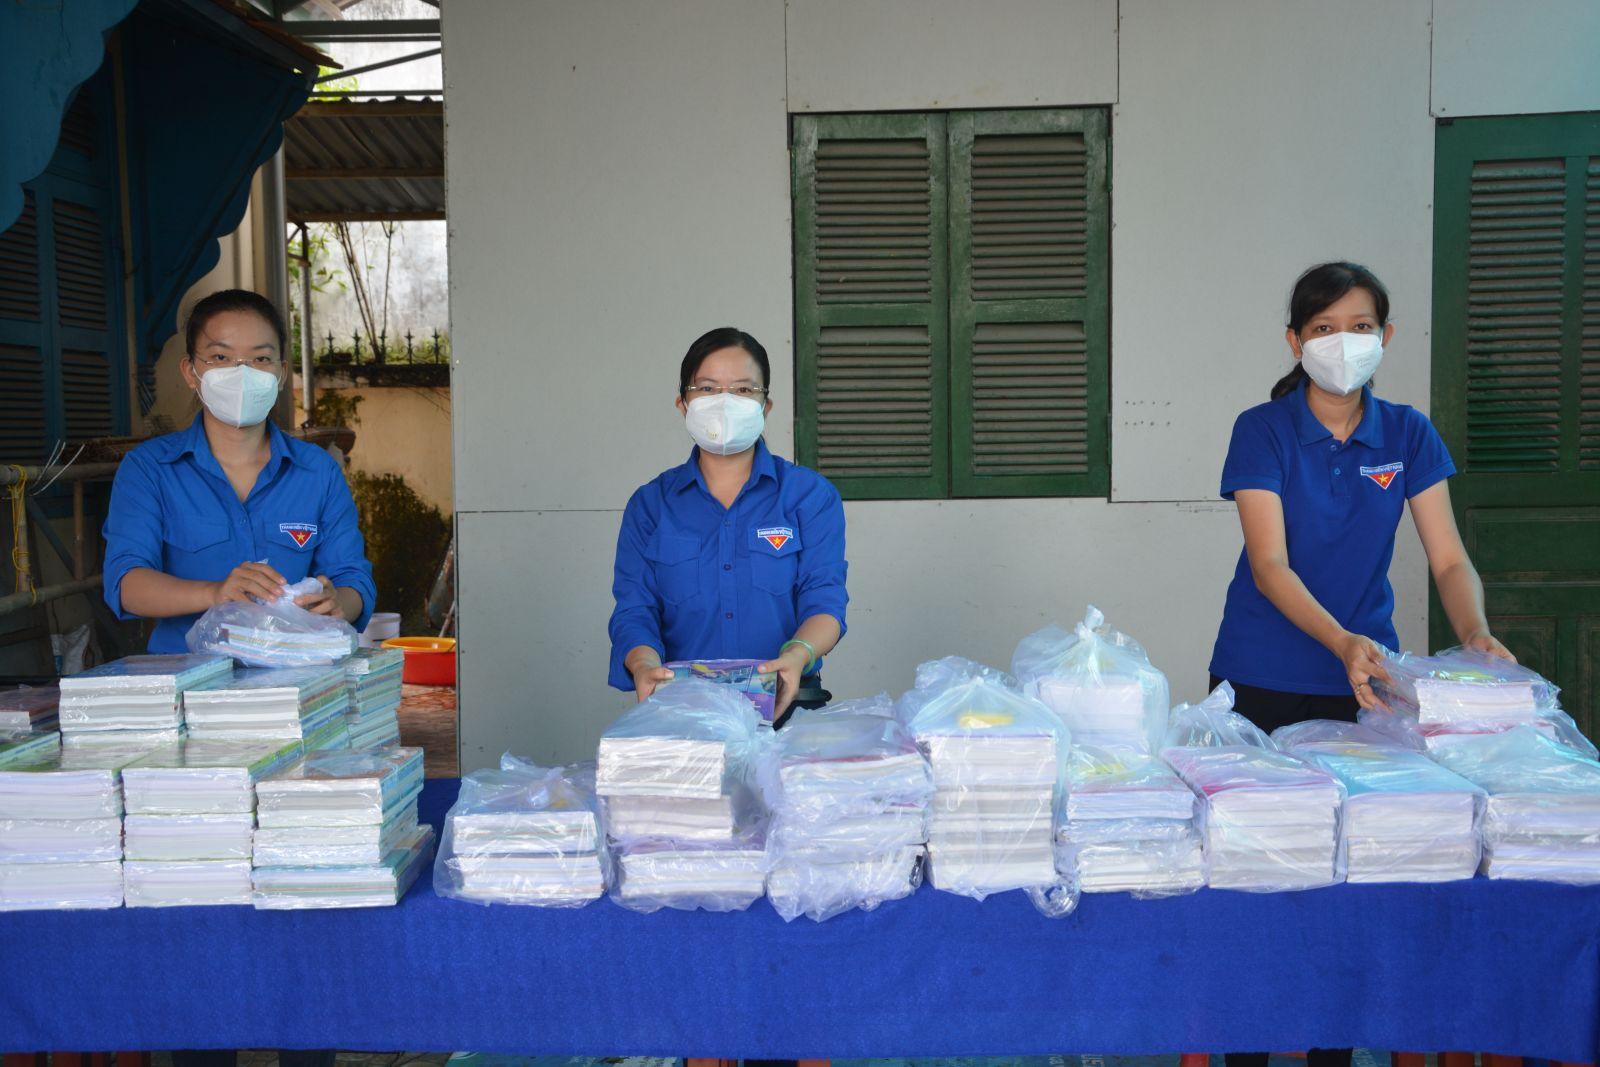 """Đội hình """"Shipper thanh niên"""" đã vận chuyển trên 2.000 bộ sách giáo khoa cùng các dụng cụ học tập cho học sinh"""